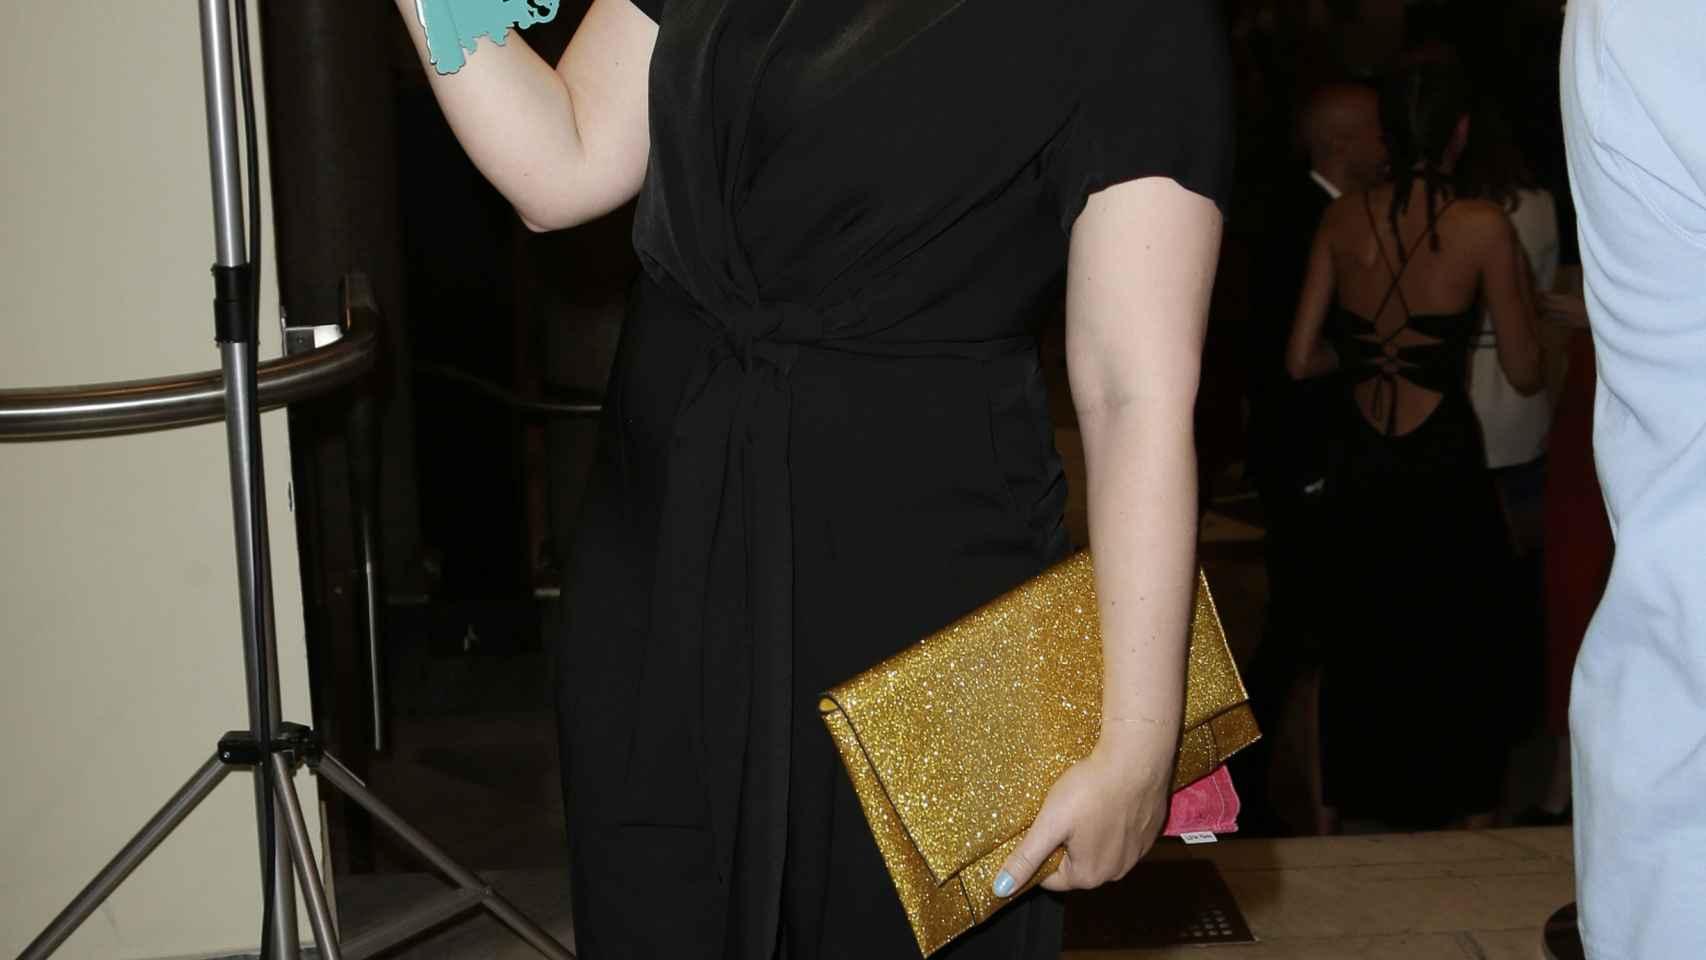 La presentadora Tania Llasera durante un acto de la publicación 'Harper's Bazaar' en Madrid